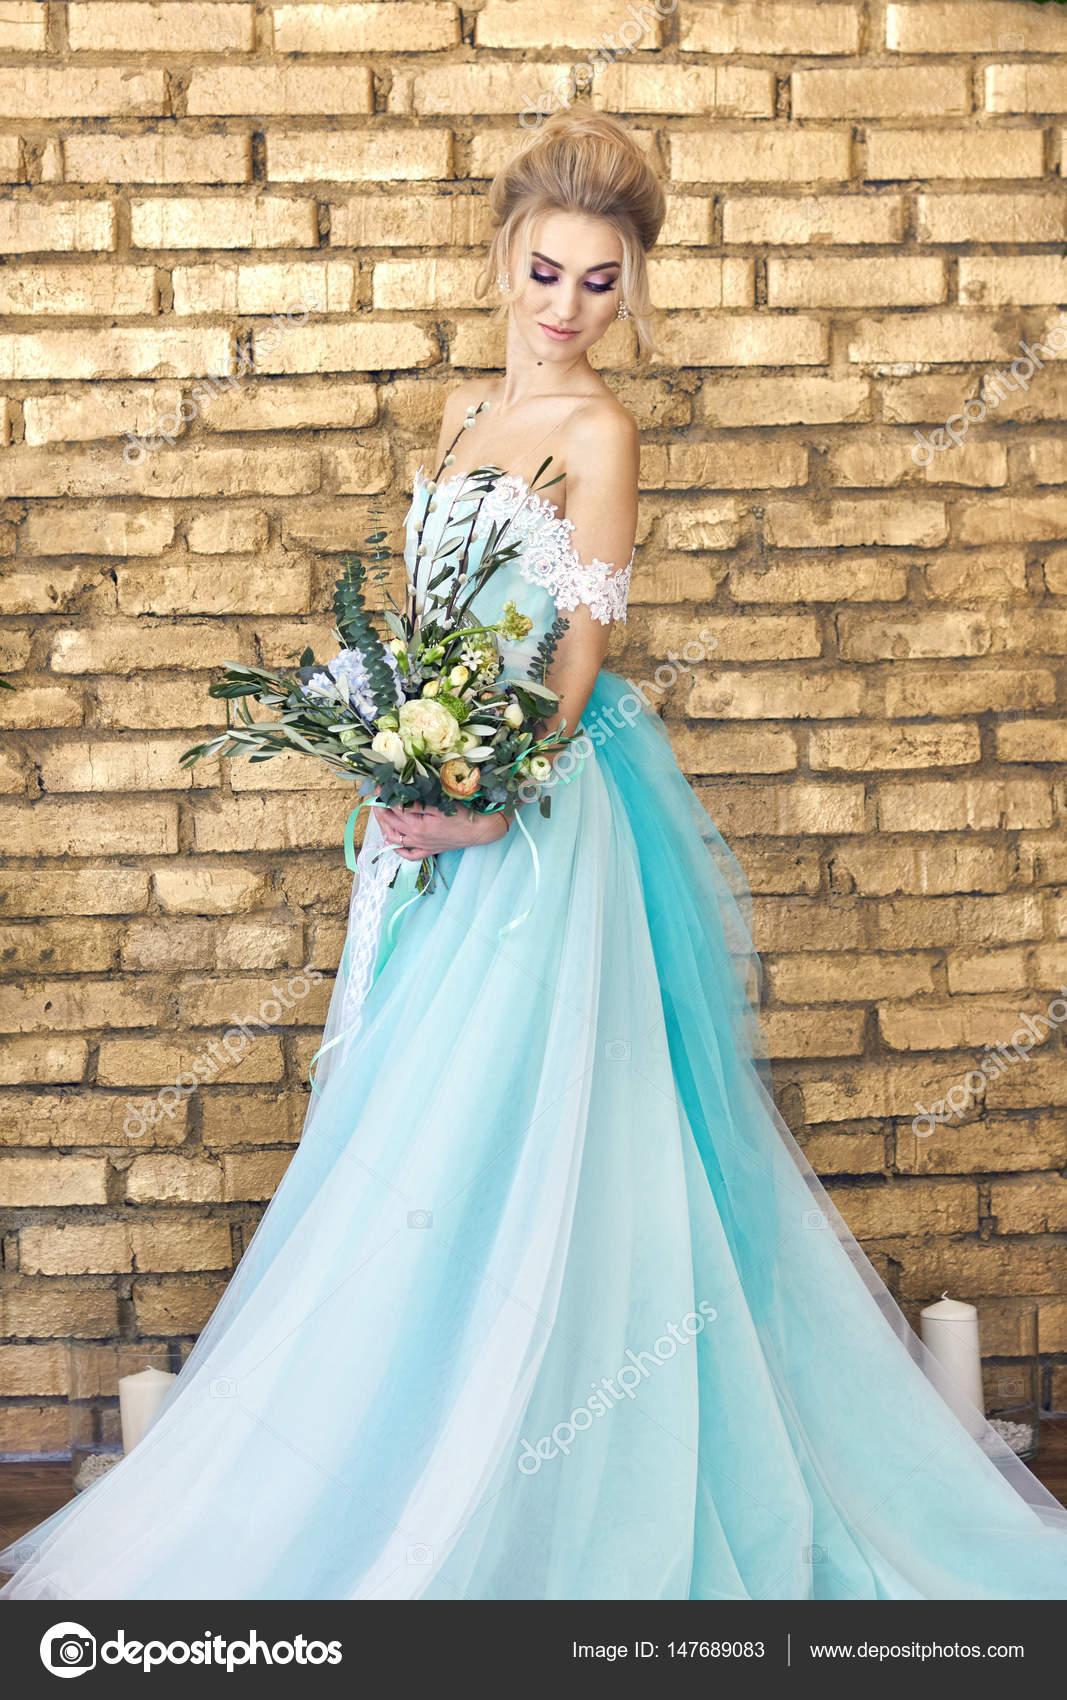 Turquoise Jurk Bruiloft.Bruid In Een Prachtige Turquoise Jurk In Afwachting Van De Bruiloft